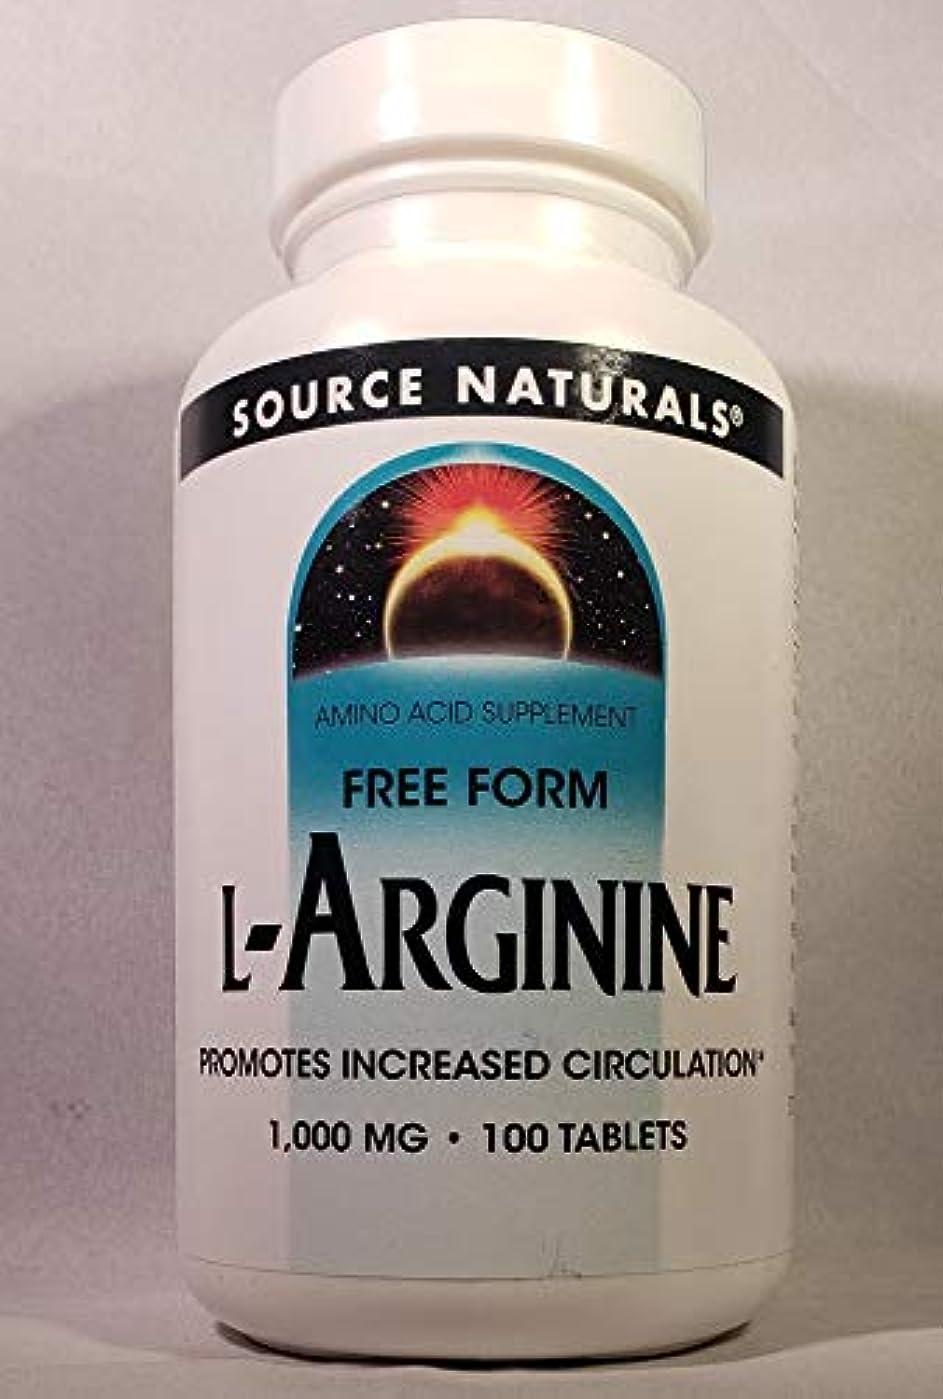 理解所持シャーSource Naturals - Lアルギニン自由形式の 1000 mg。100錠剤